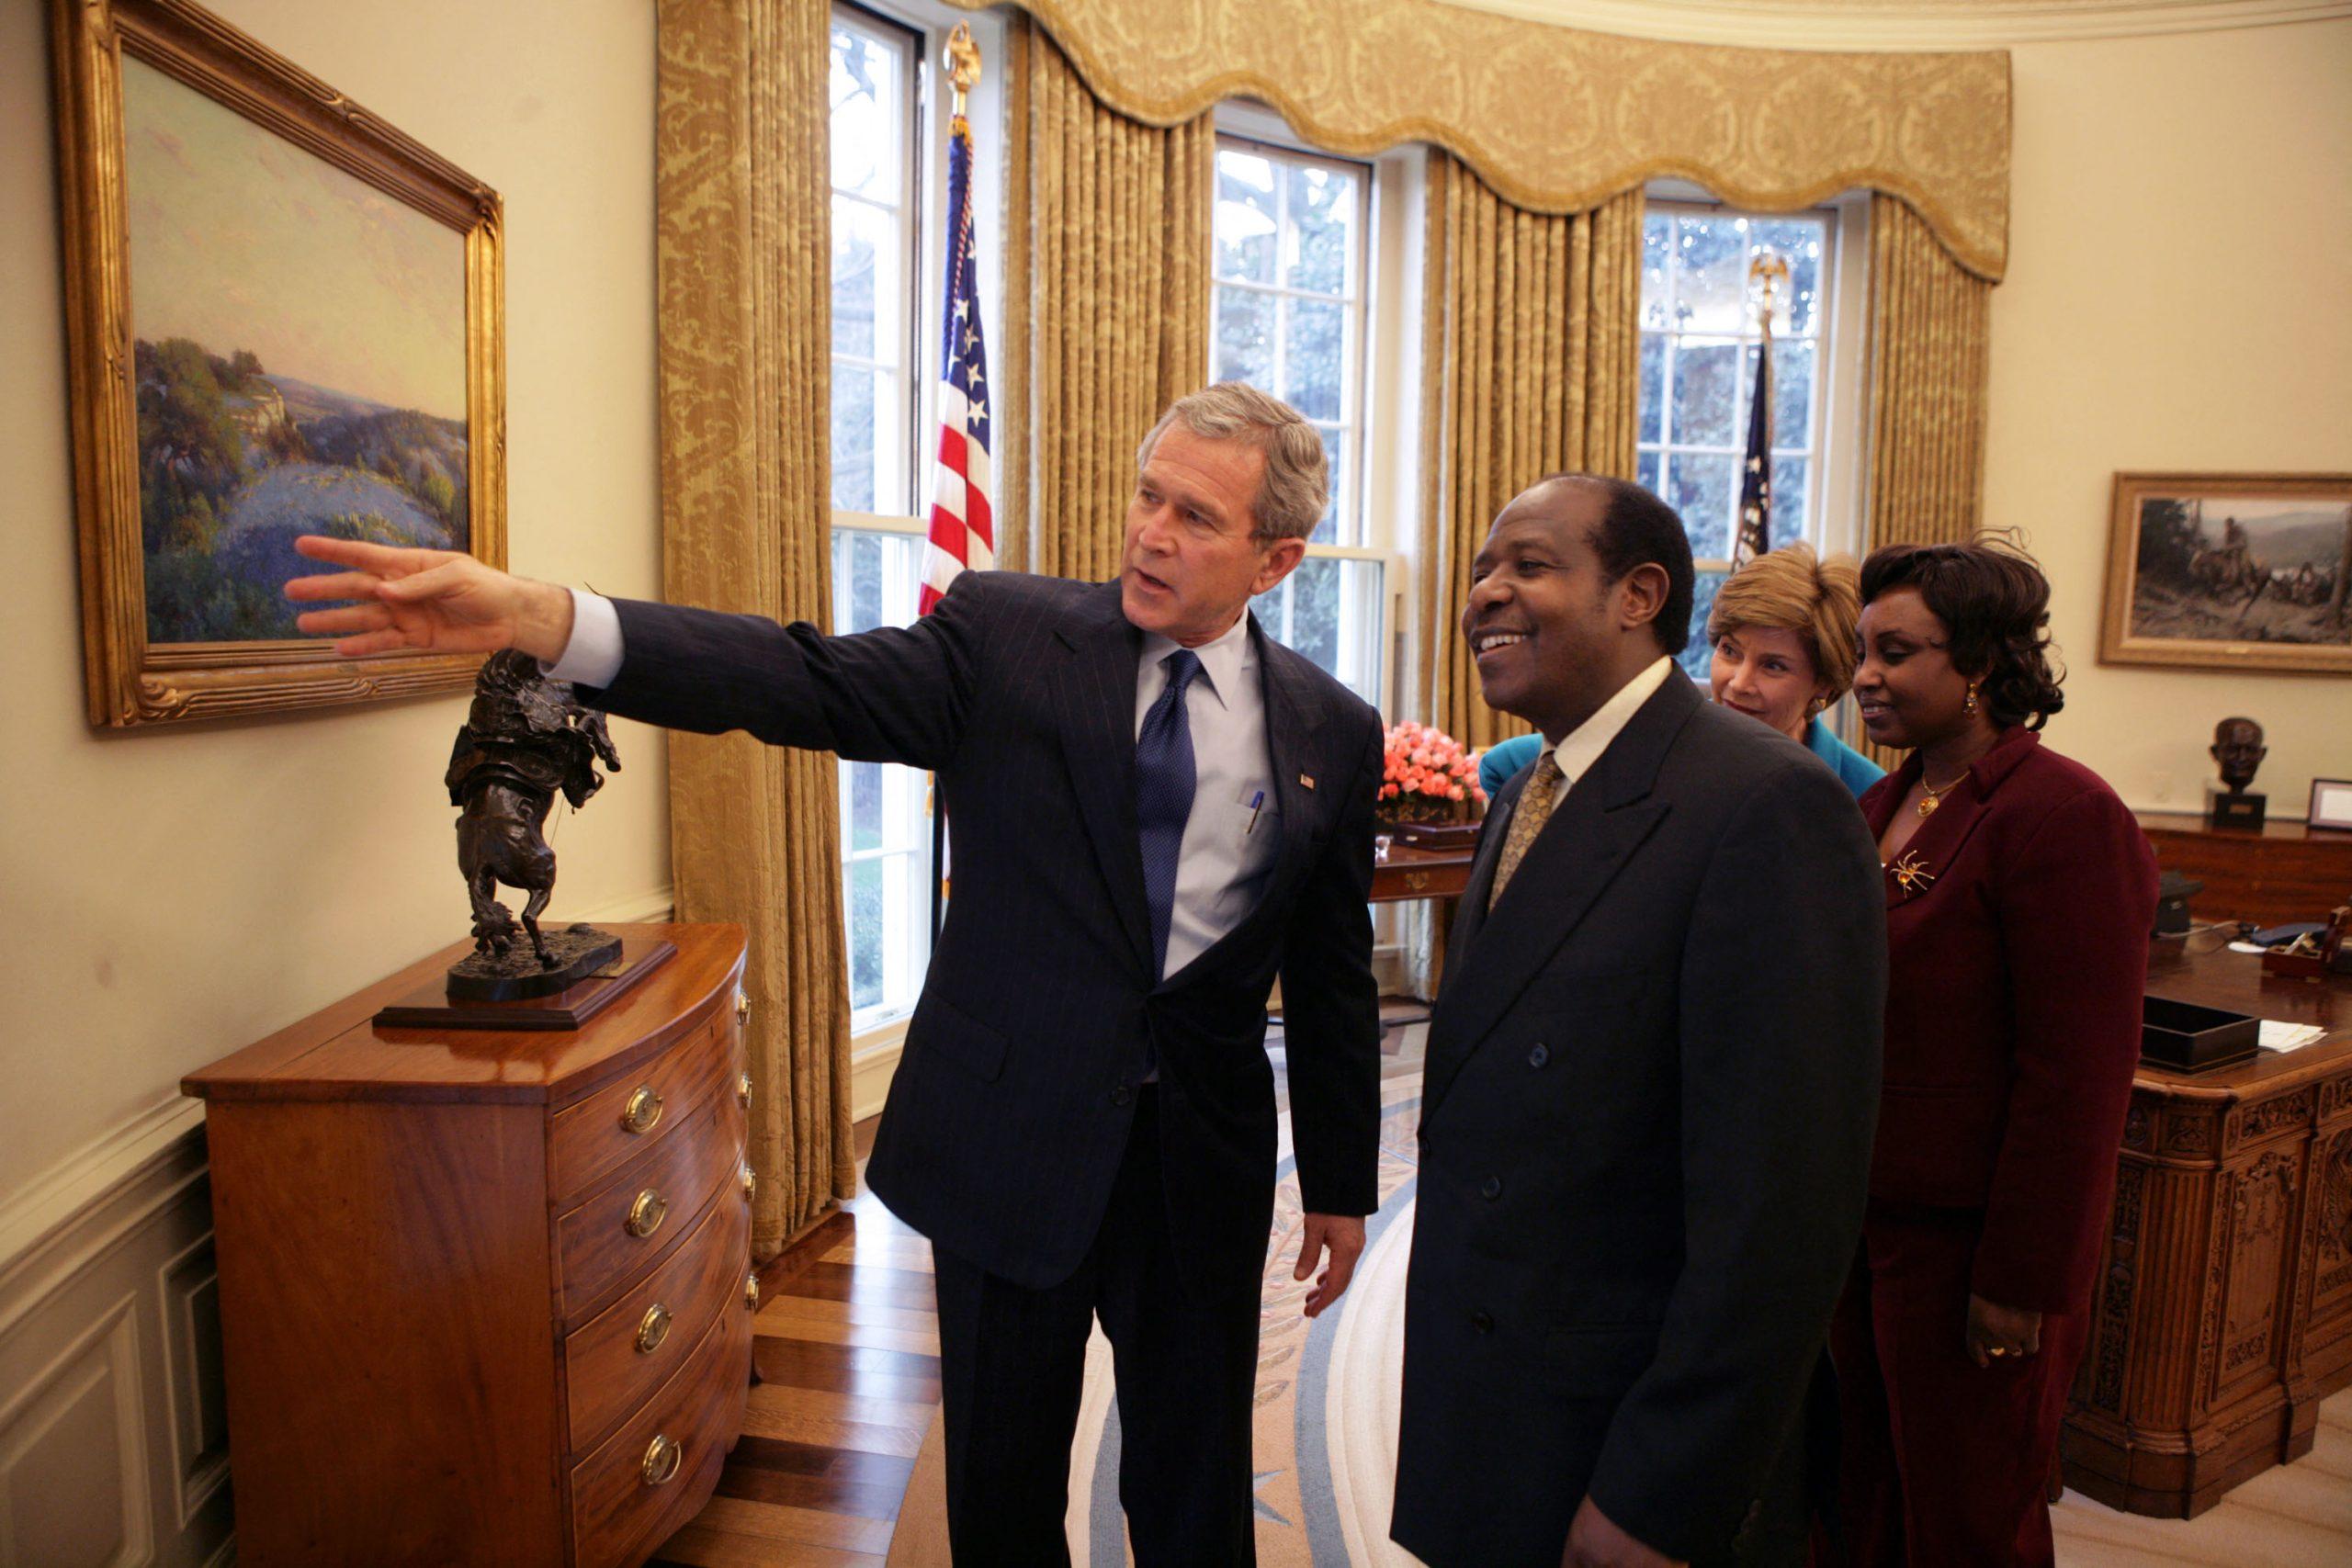 Le président américain George W. Bush rencontre Paul Rusesabagina à la Maison Blanche, le 17 février 2005.